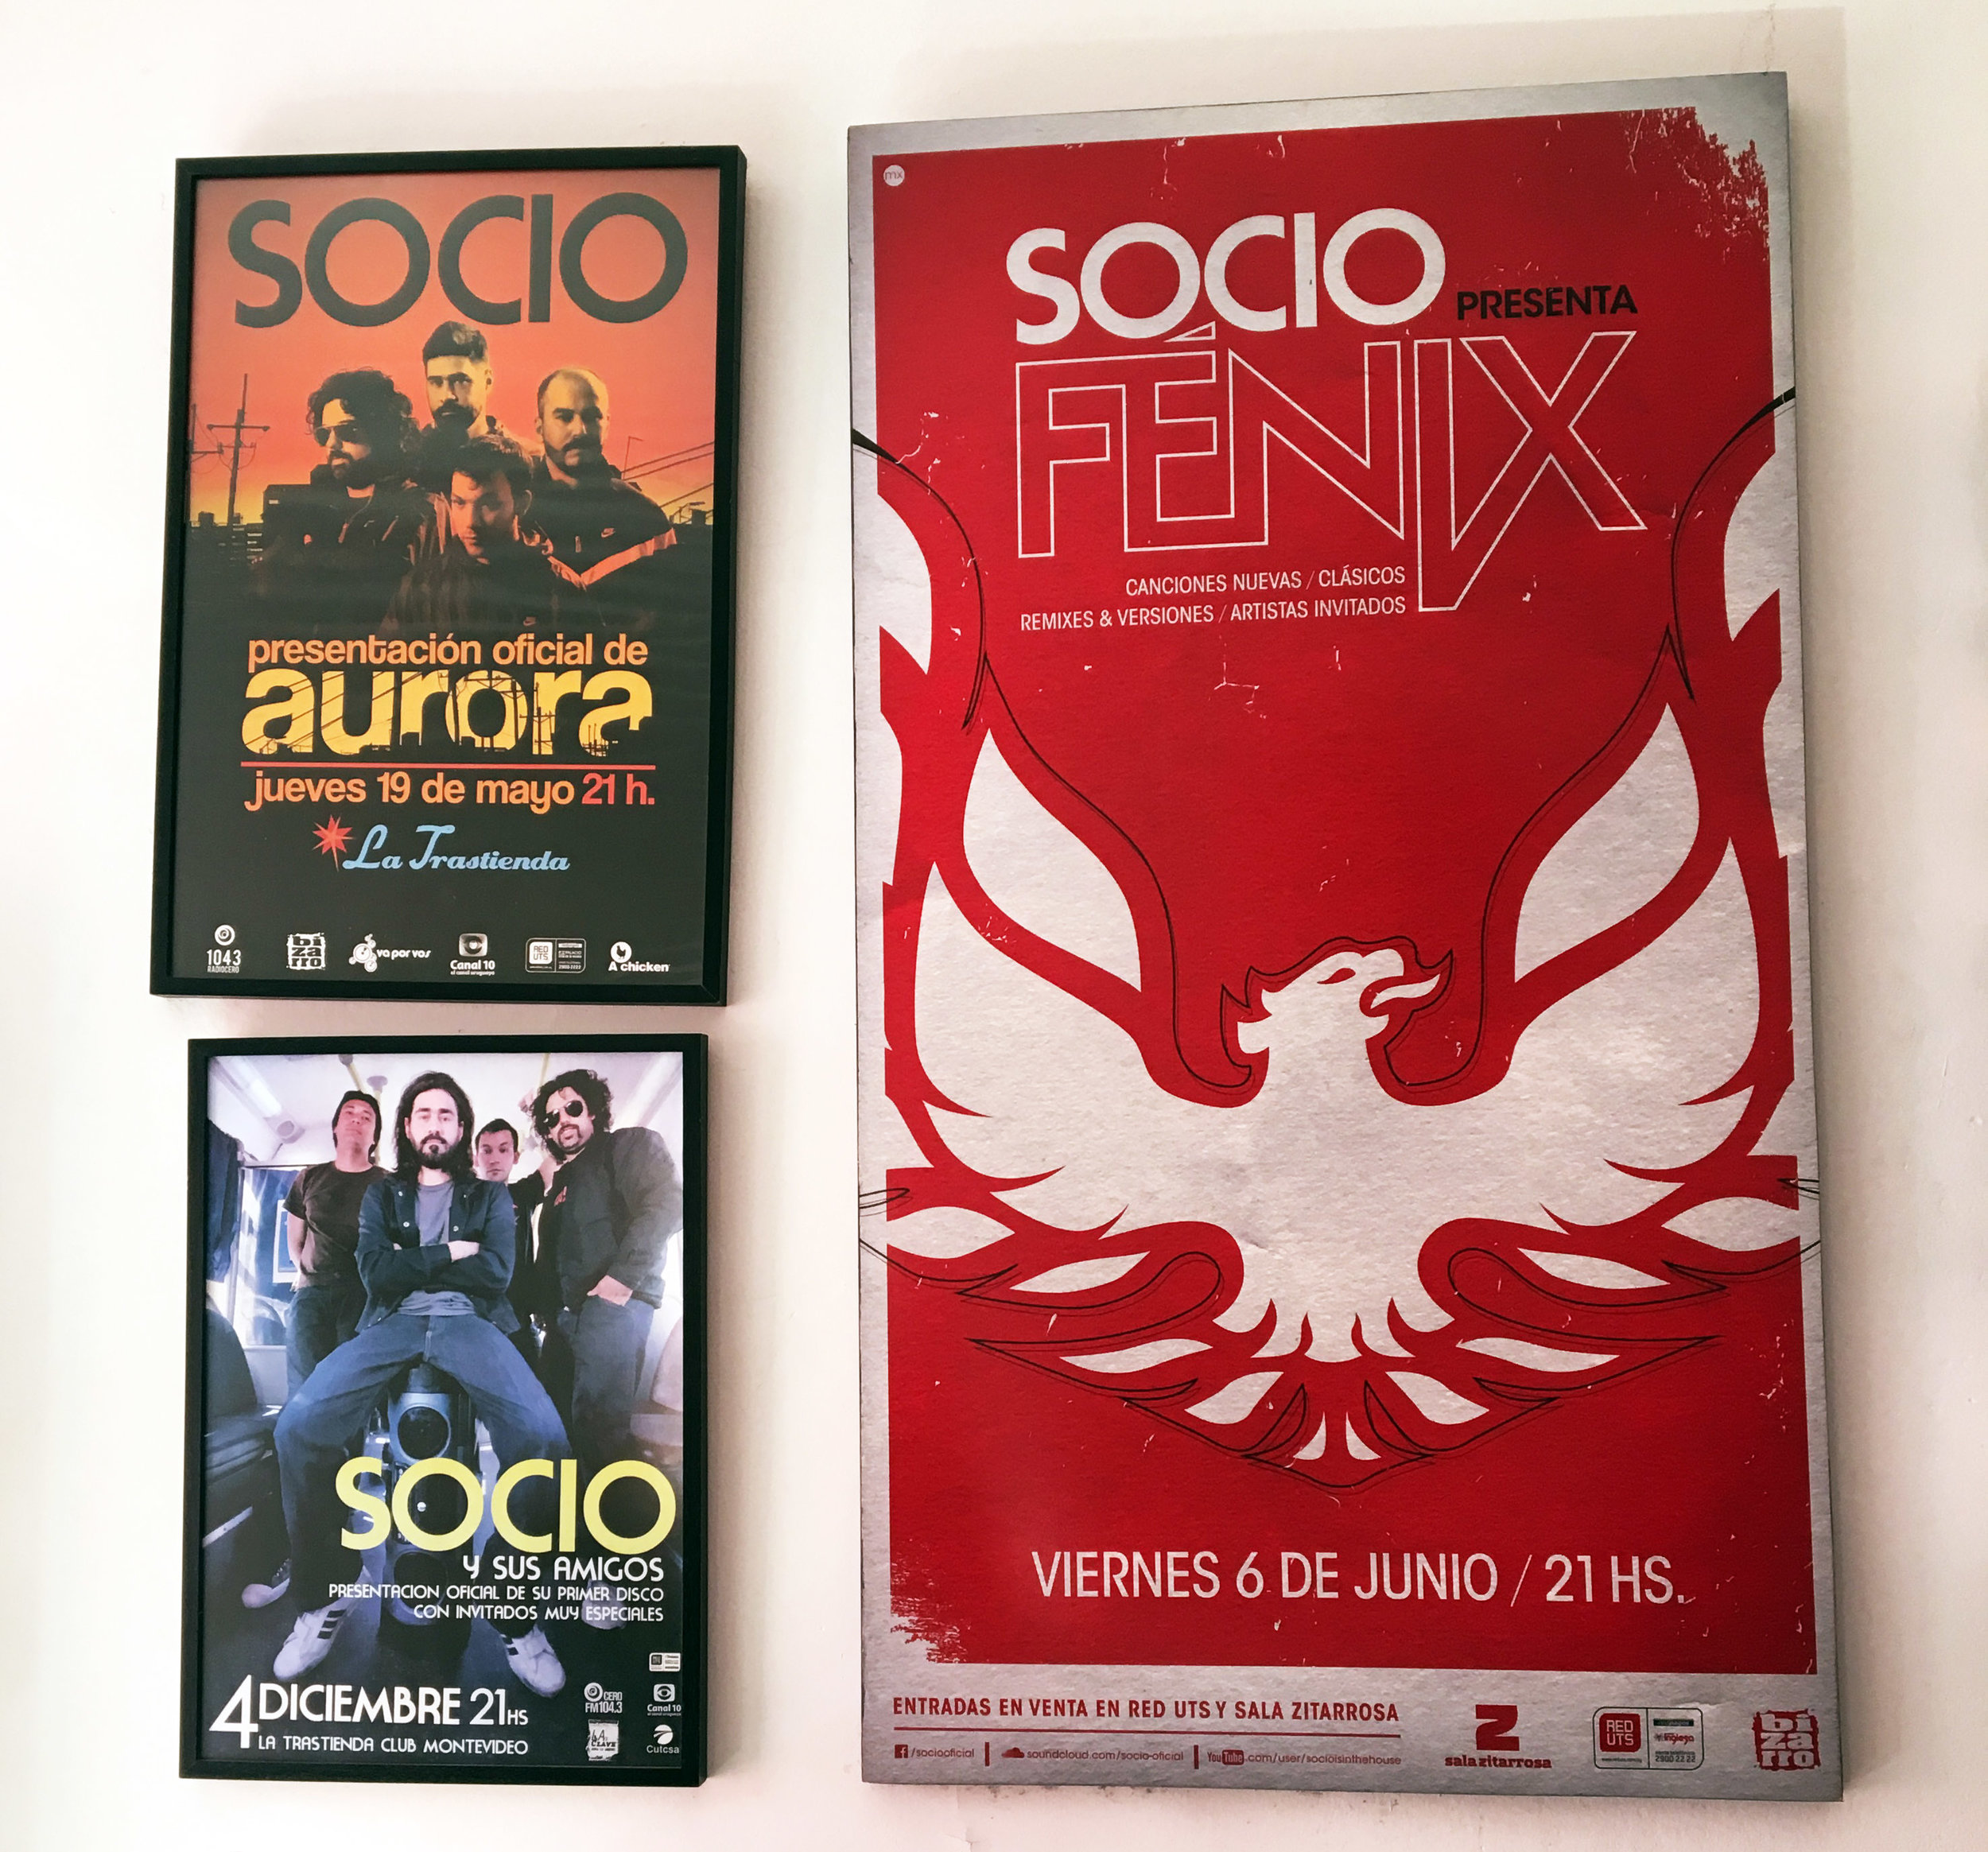 Afiches de shows que cuelgan en el estudio casero de Federico.